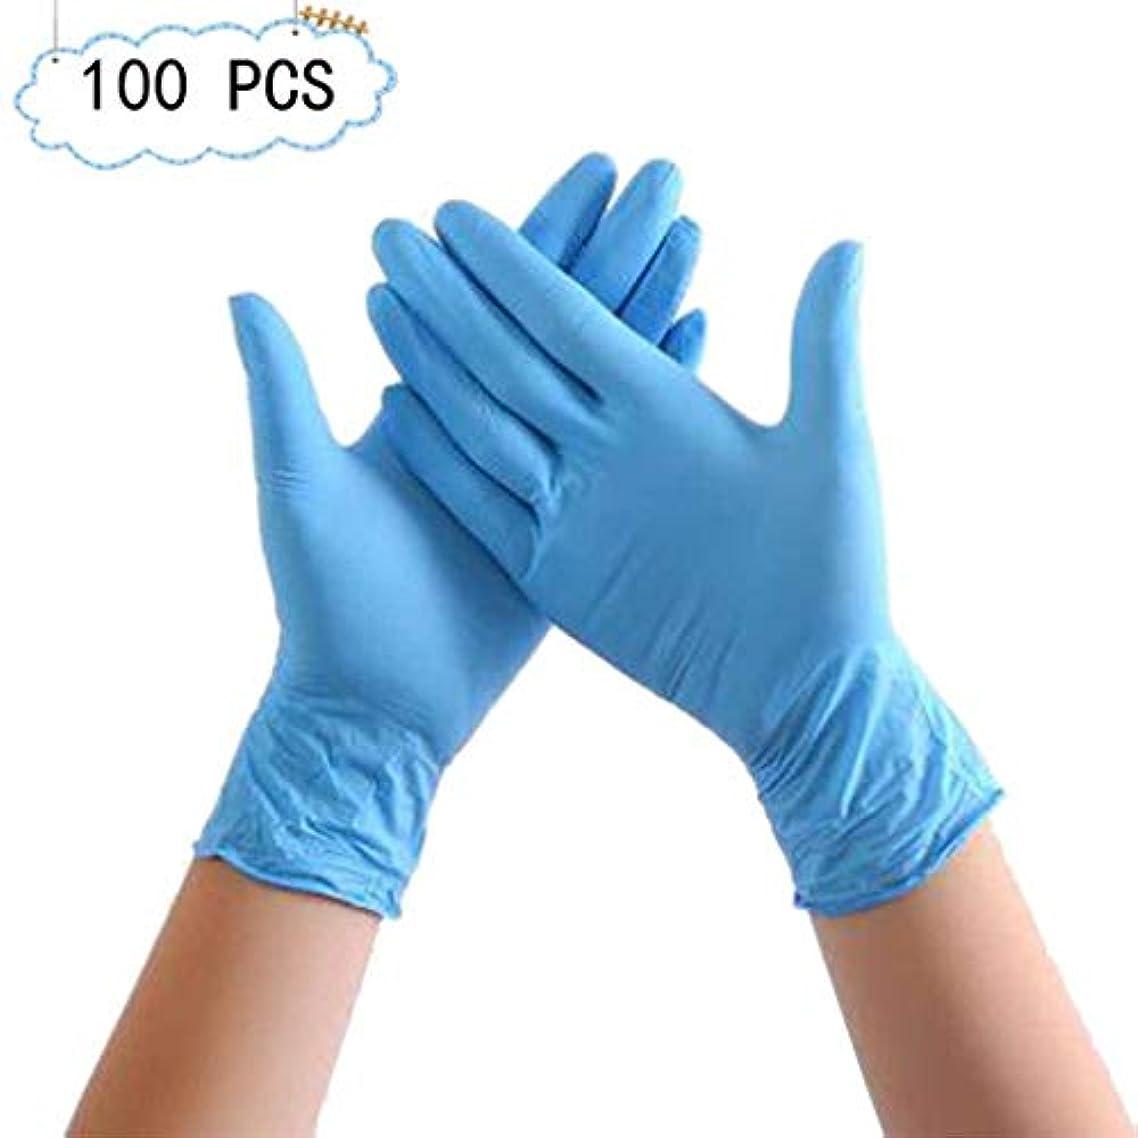 散髪ボス野菜ニトリル手袋手袋9インチネイルアート検査保護実験、美容院ラテックスフリー、パウダーフリー、100個 (Color : Blue, Size : L)